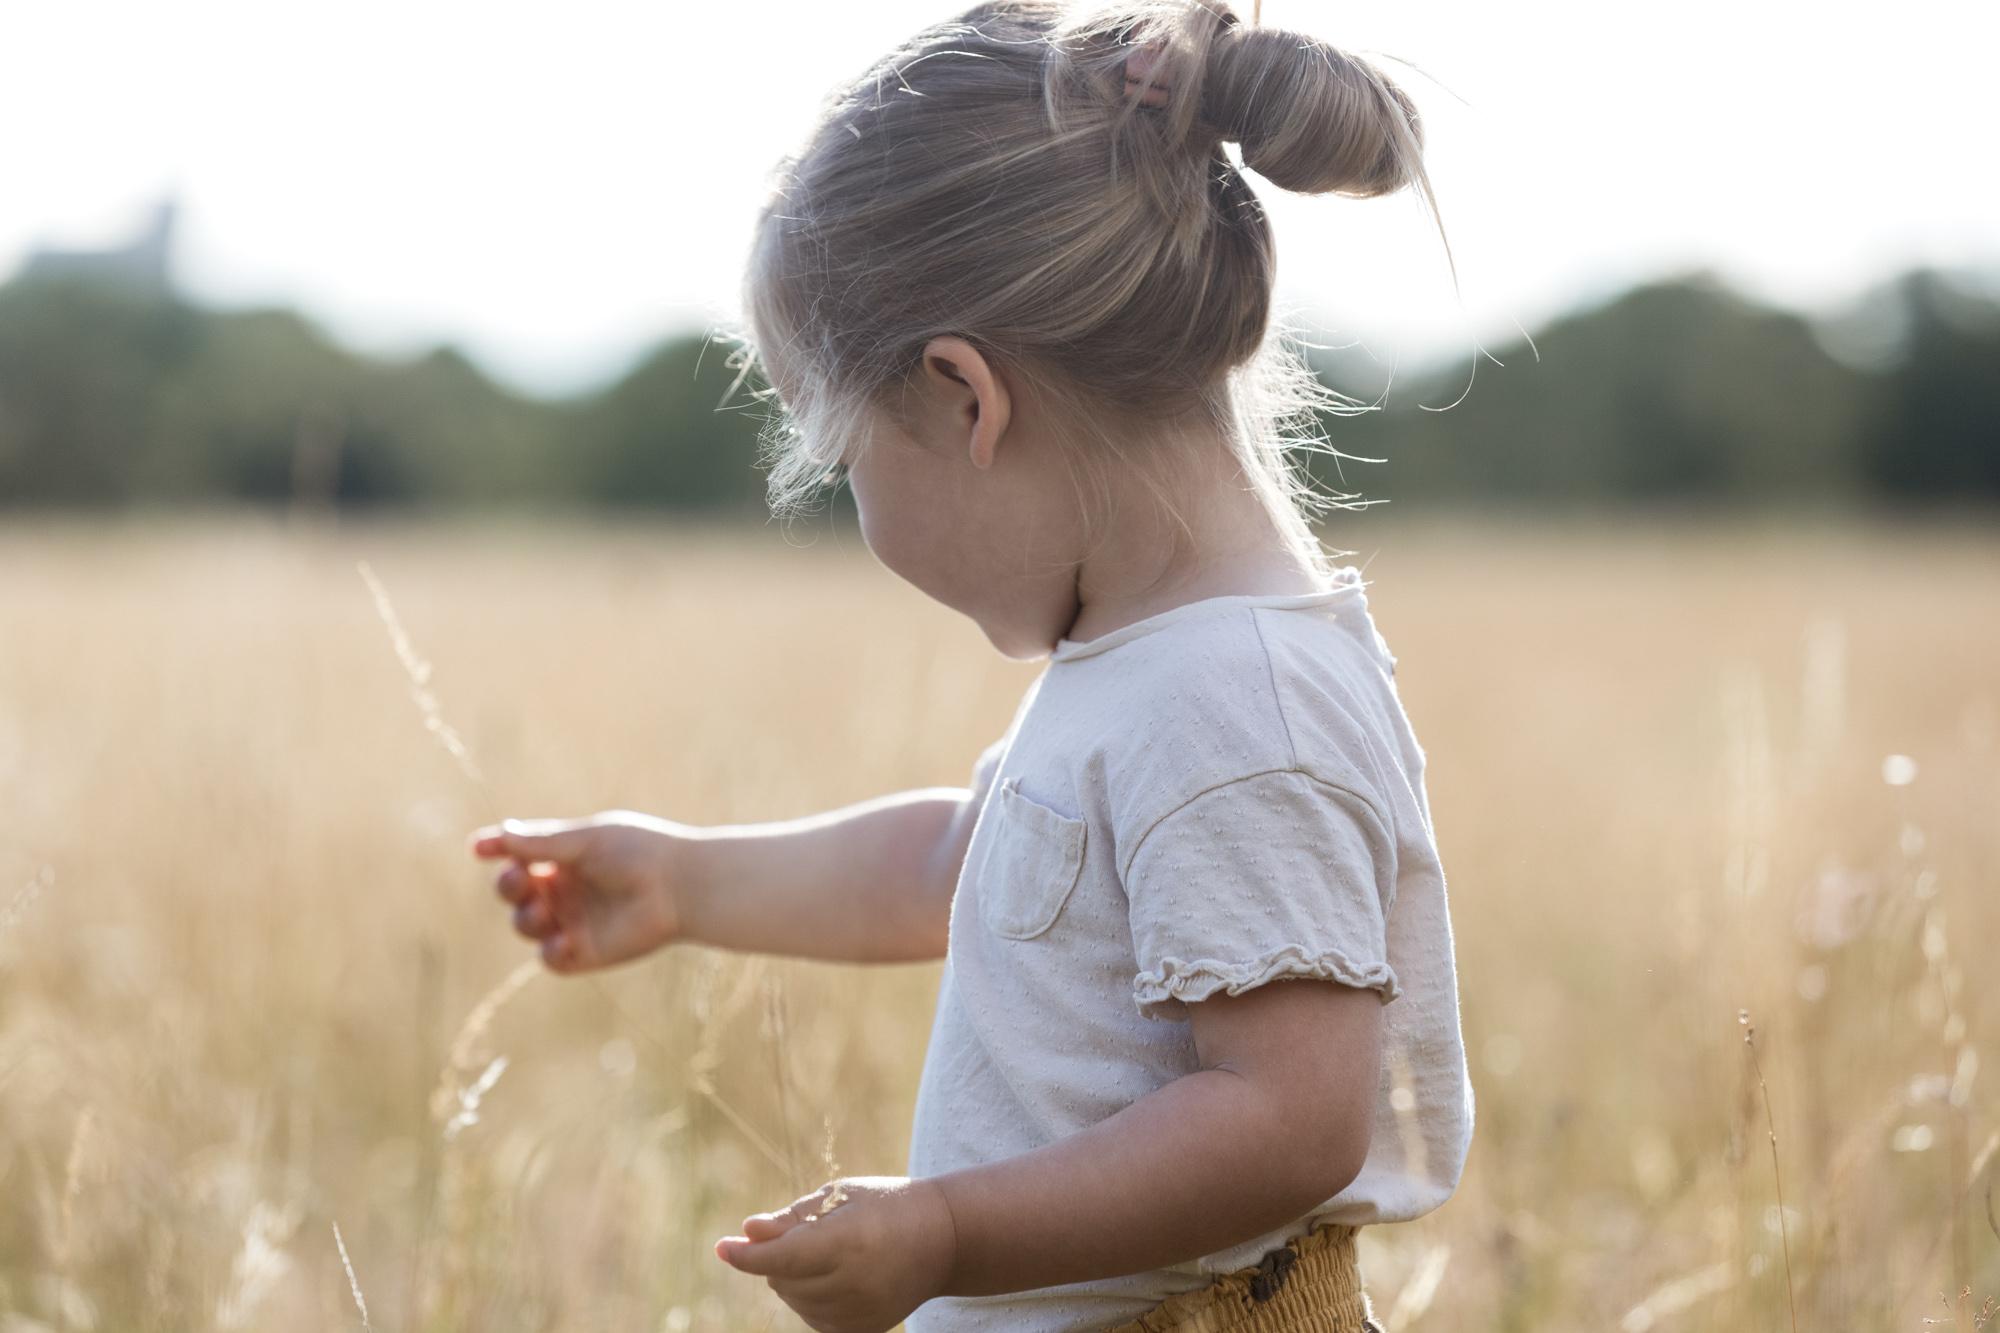 Familienfotoshooting - Das Mädchen spielt in der Natur - Familienreportage - ungestellte Familienbilder